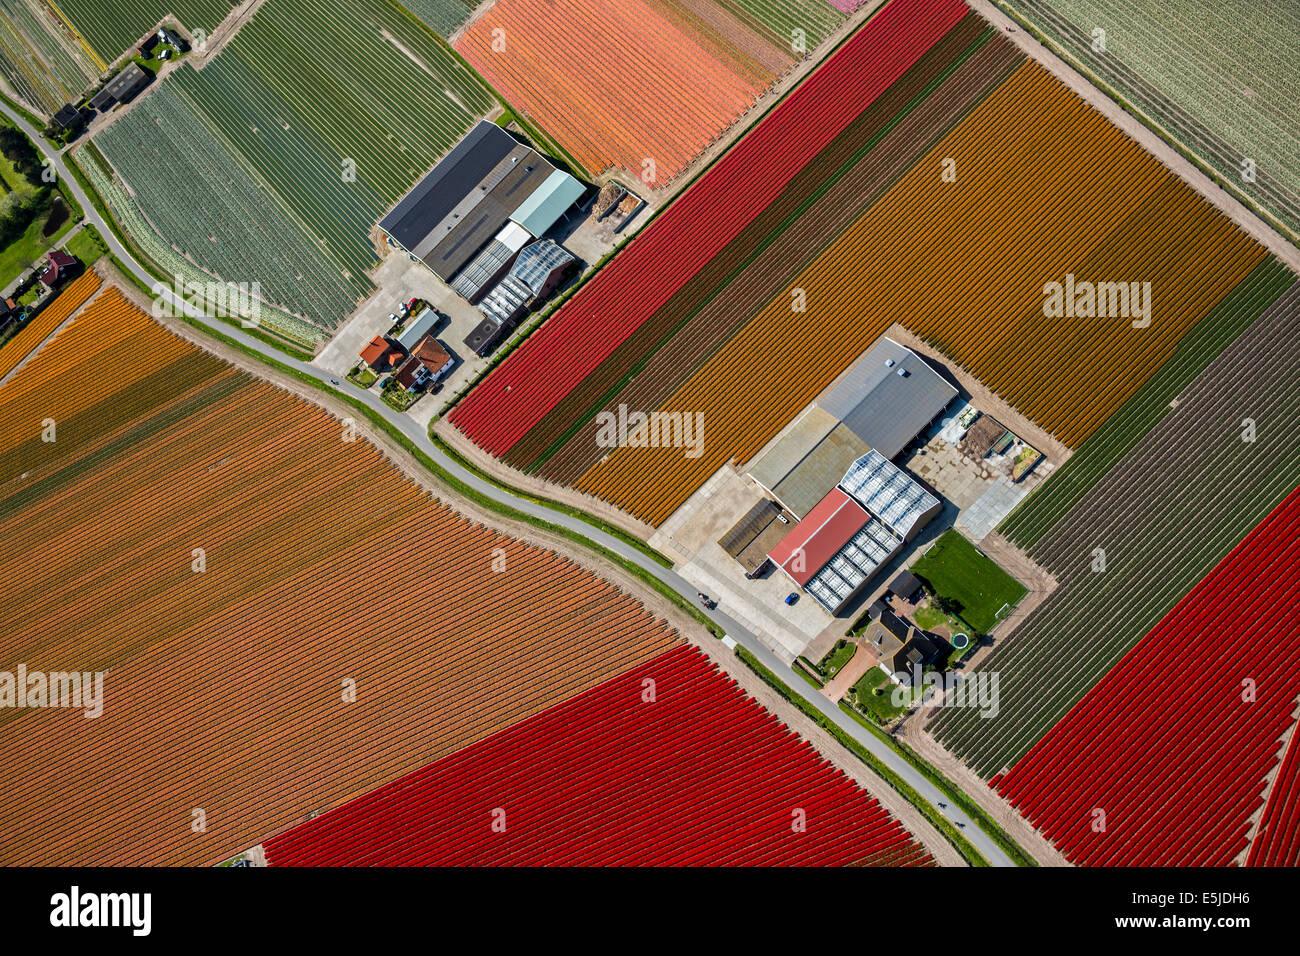 Netherlands Egmond aan den Hoef Tulip fields Aerial - Stock Image